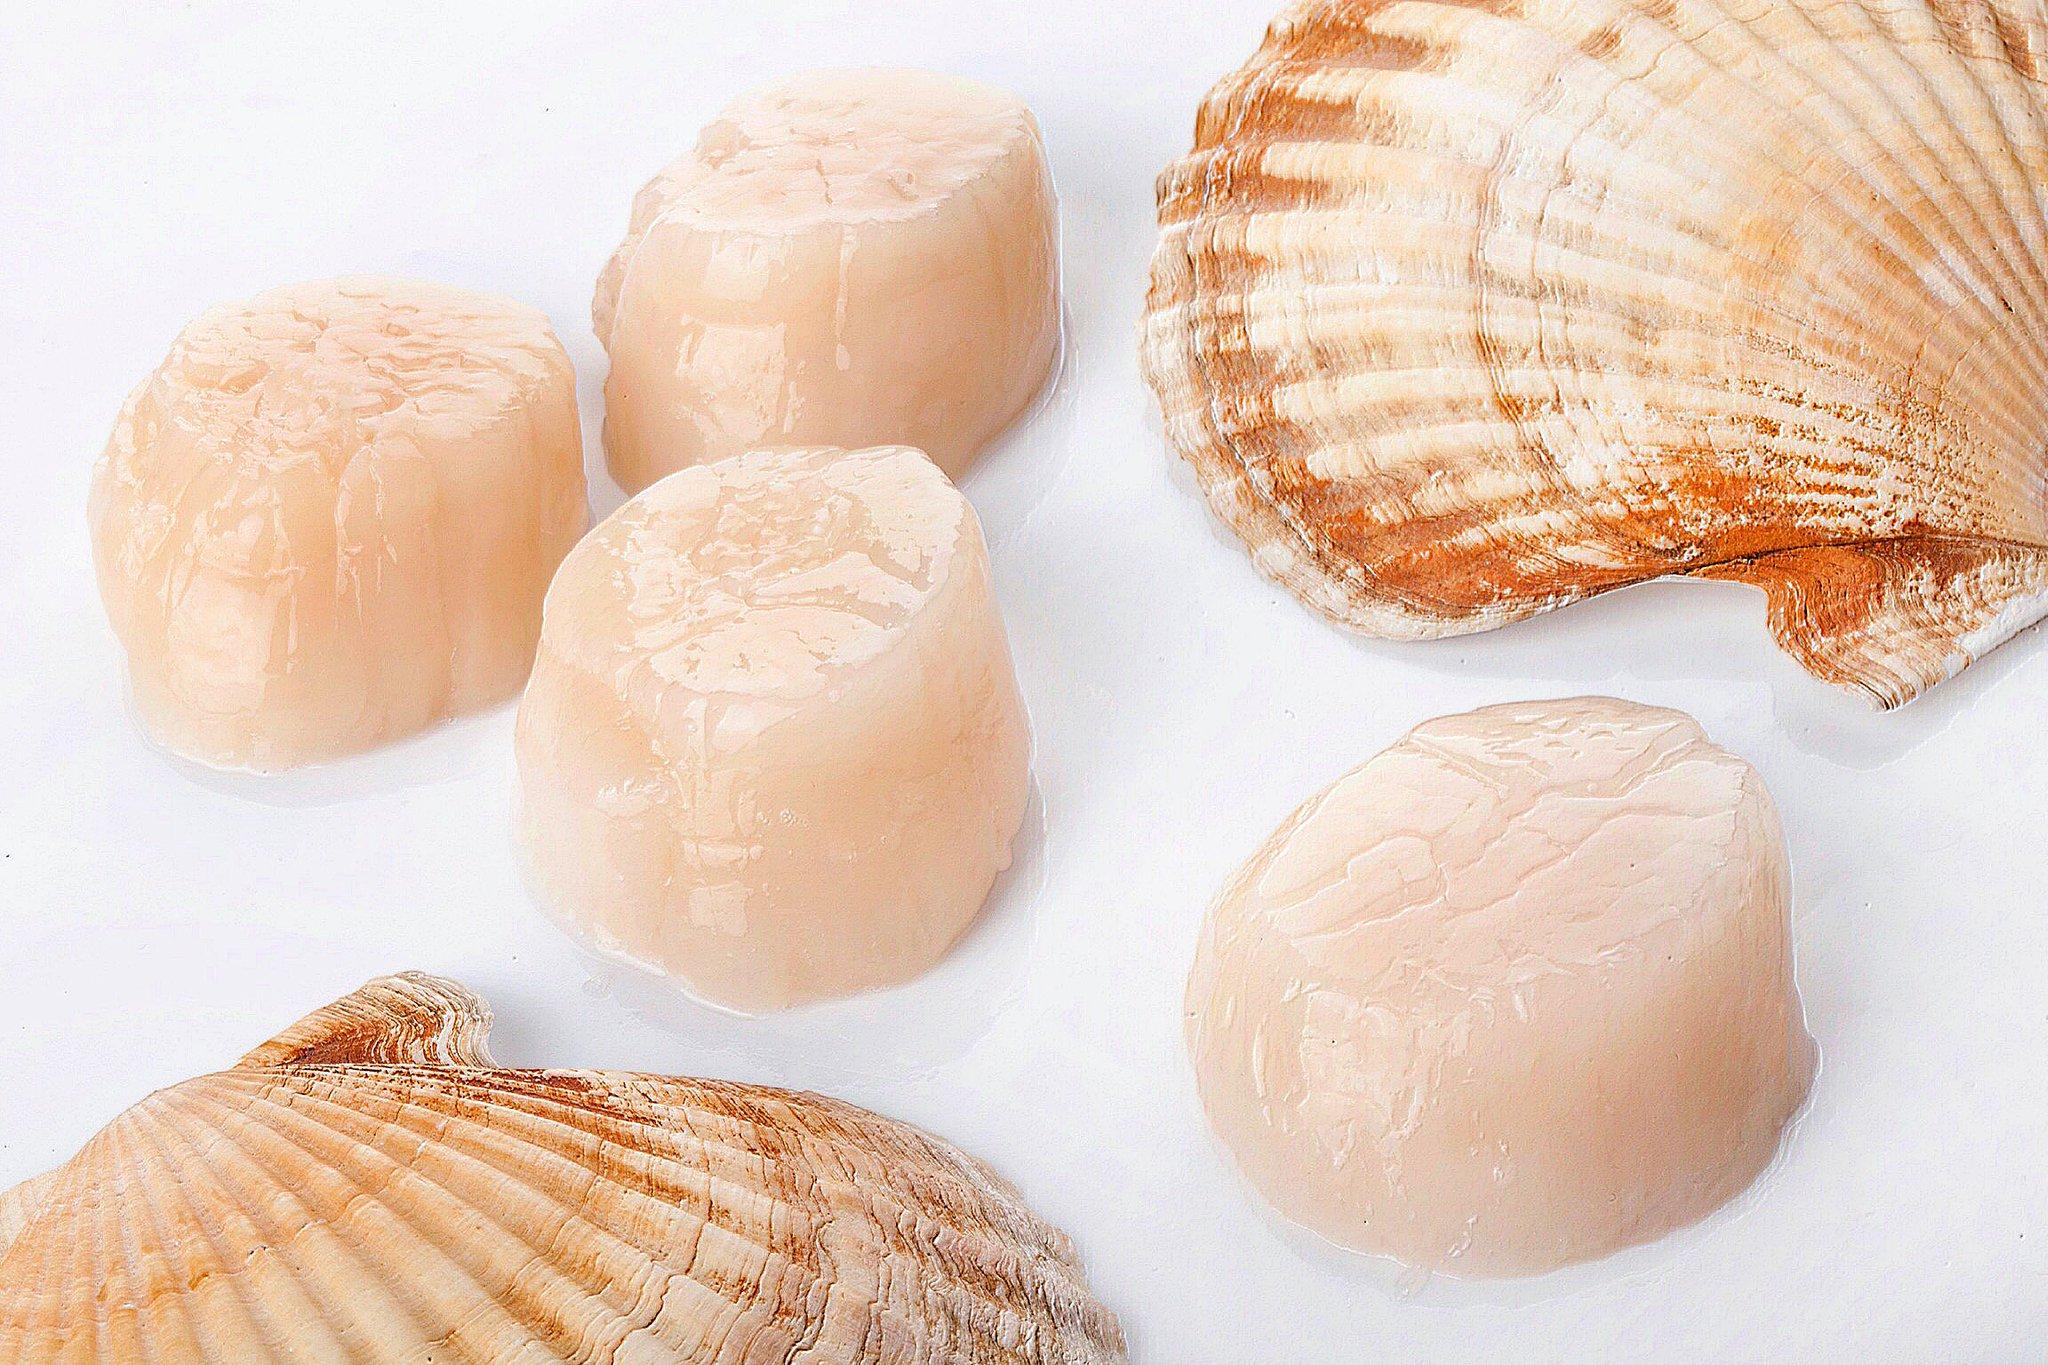 Морской гребешок – что это такое, рецепты приготовления на гриле и мангале, жареного, отварного и тушеного